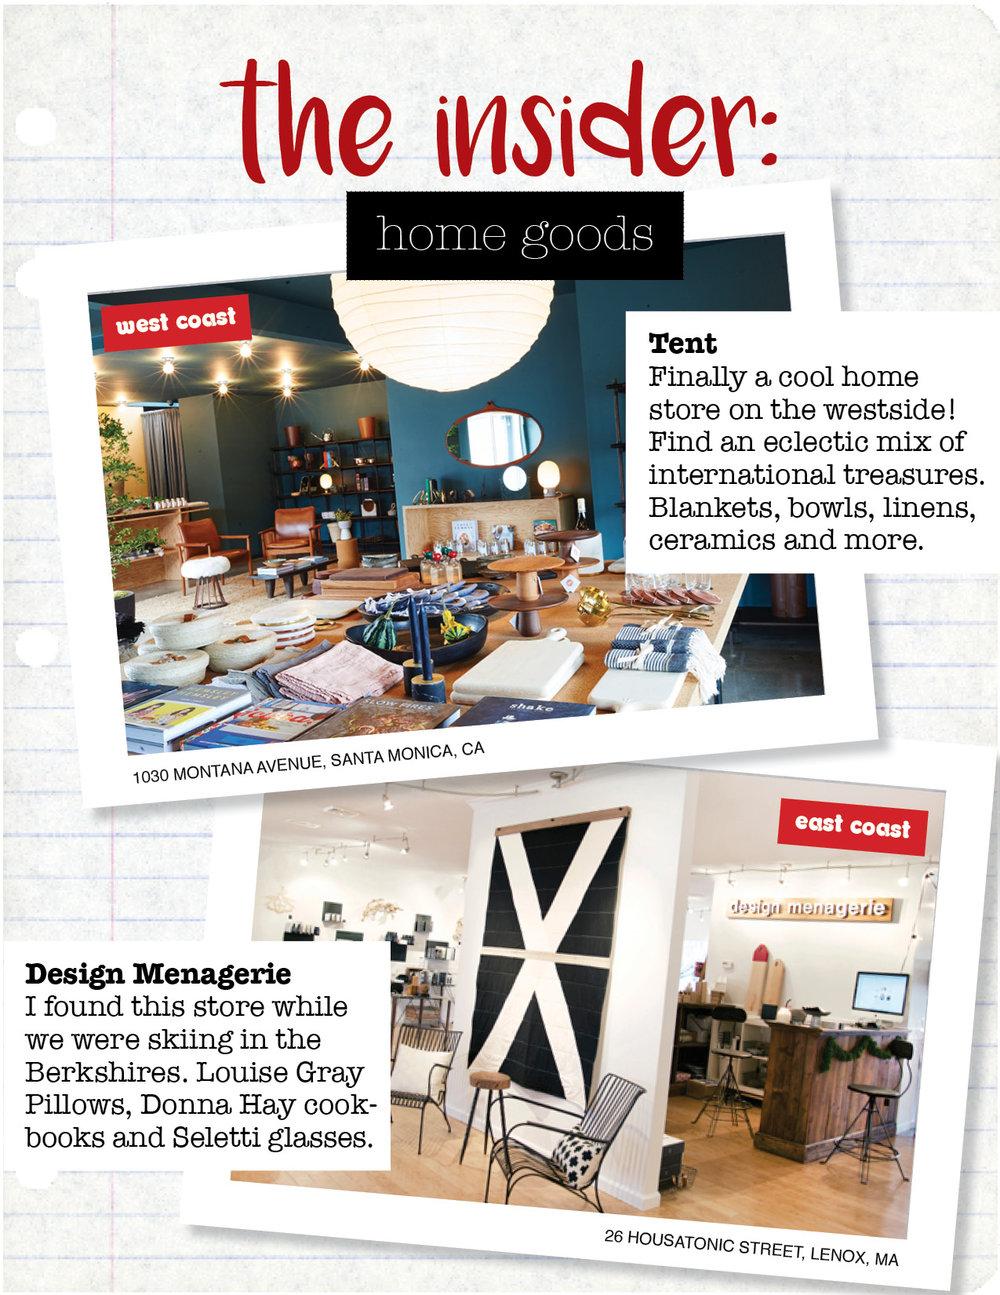 Tent  tenttheshop.com  design menagerie  designmenagerie.com